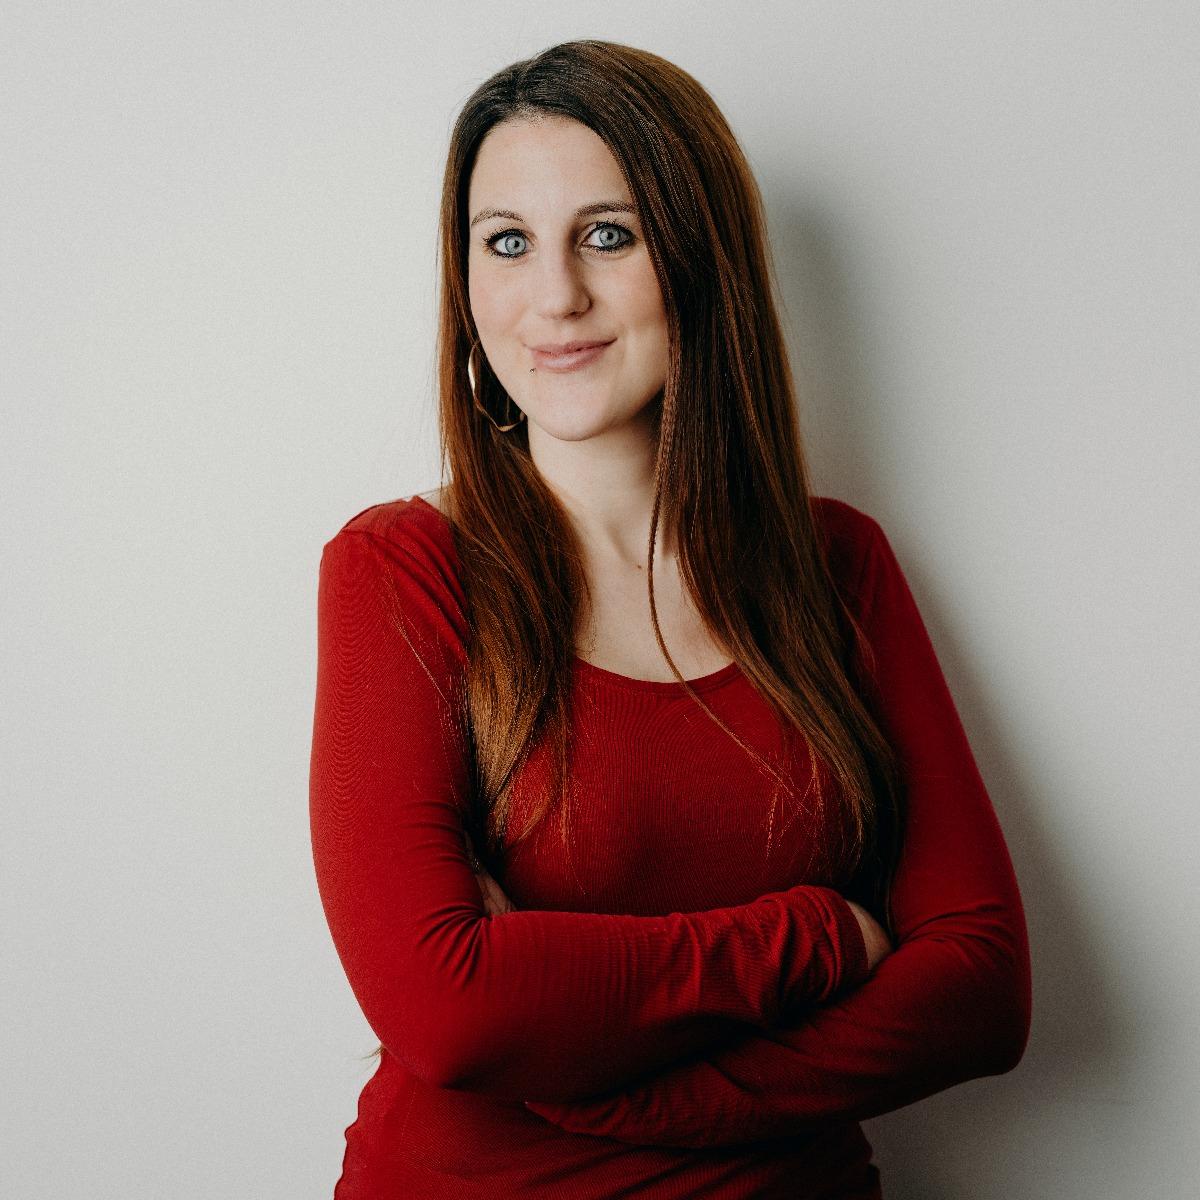 Tamara Raaflaub